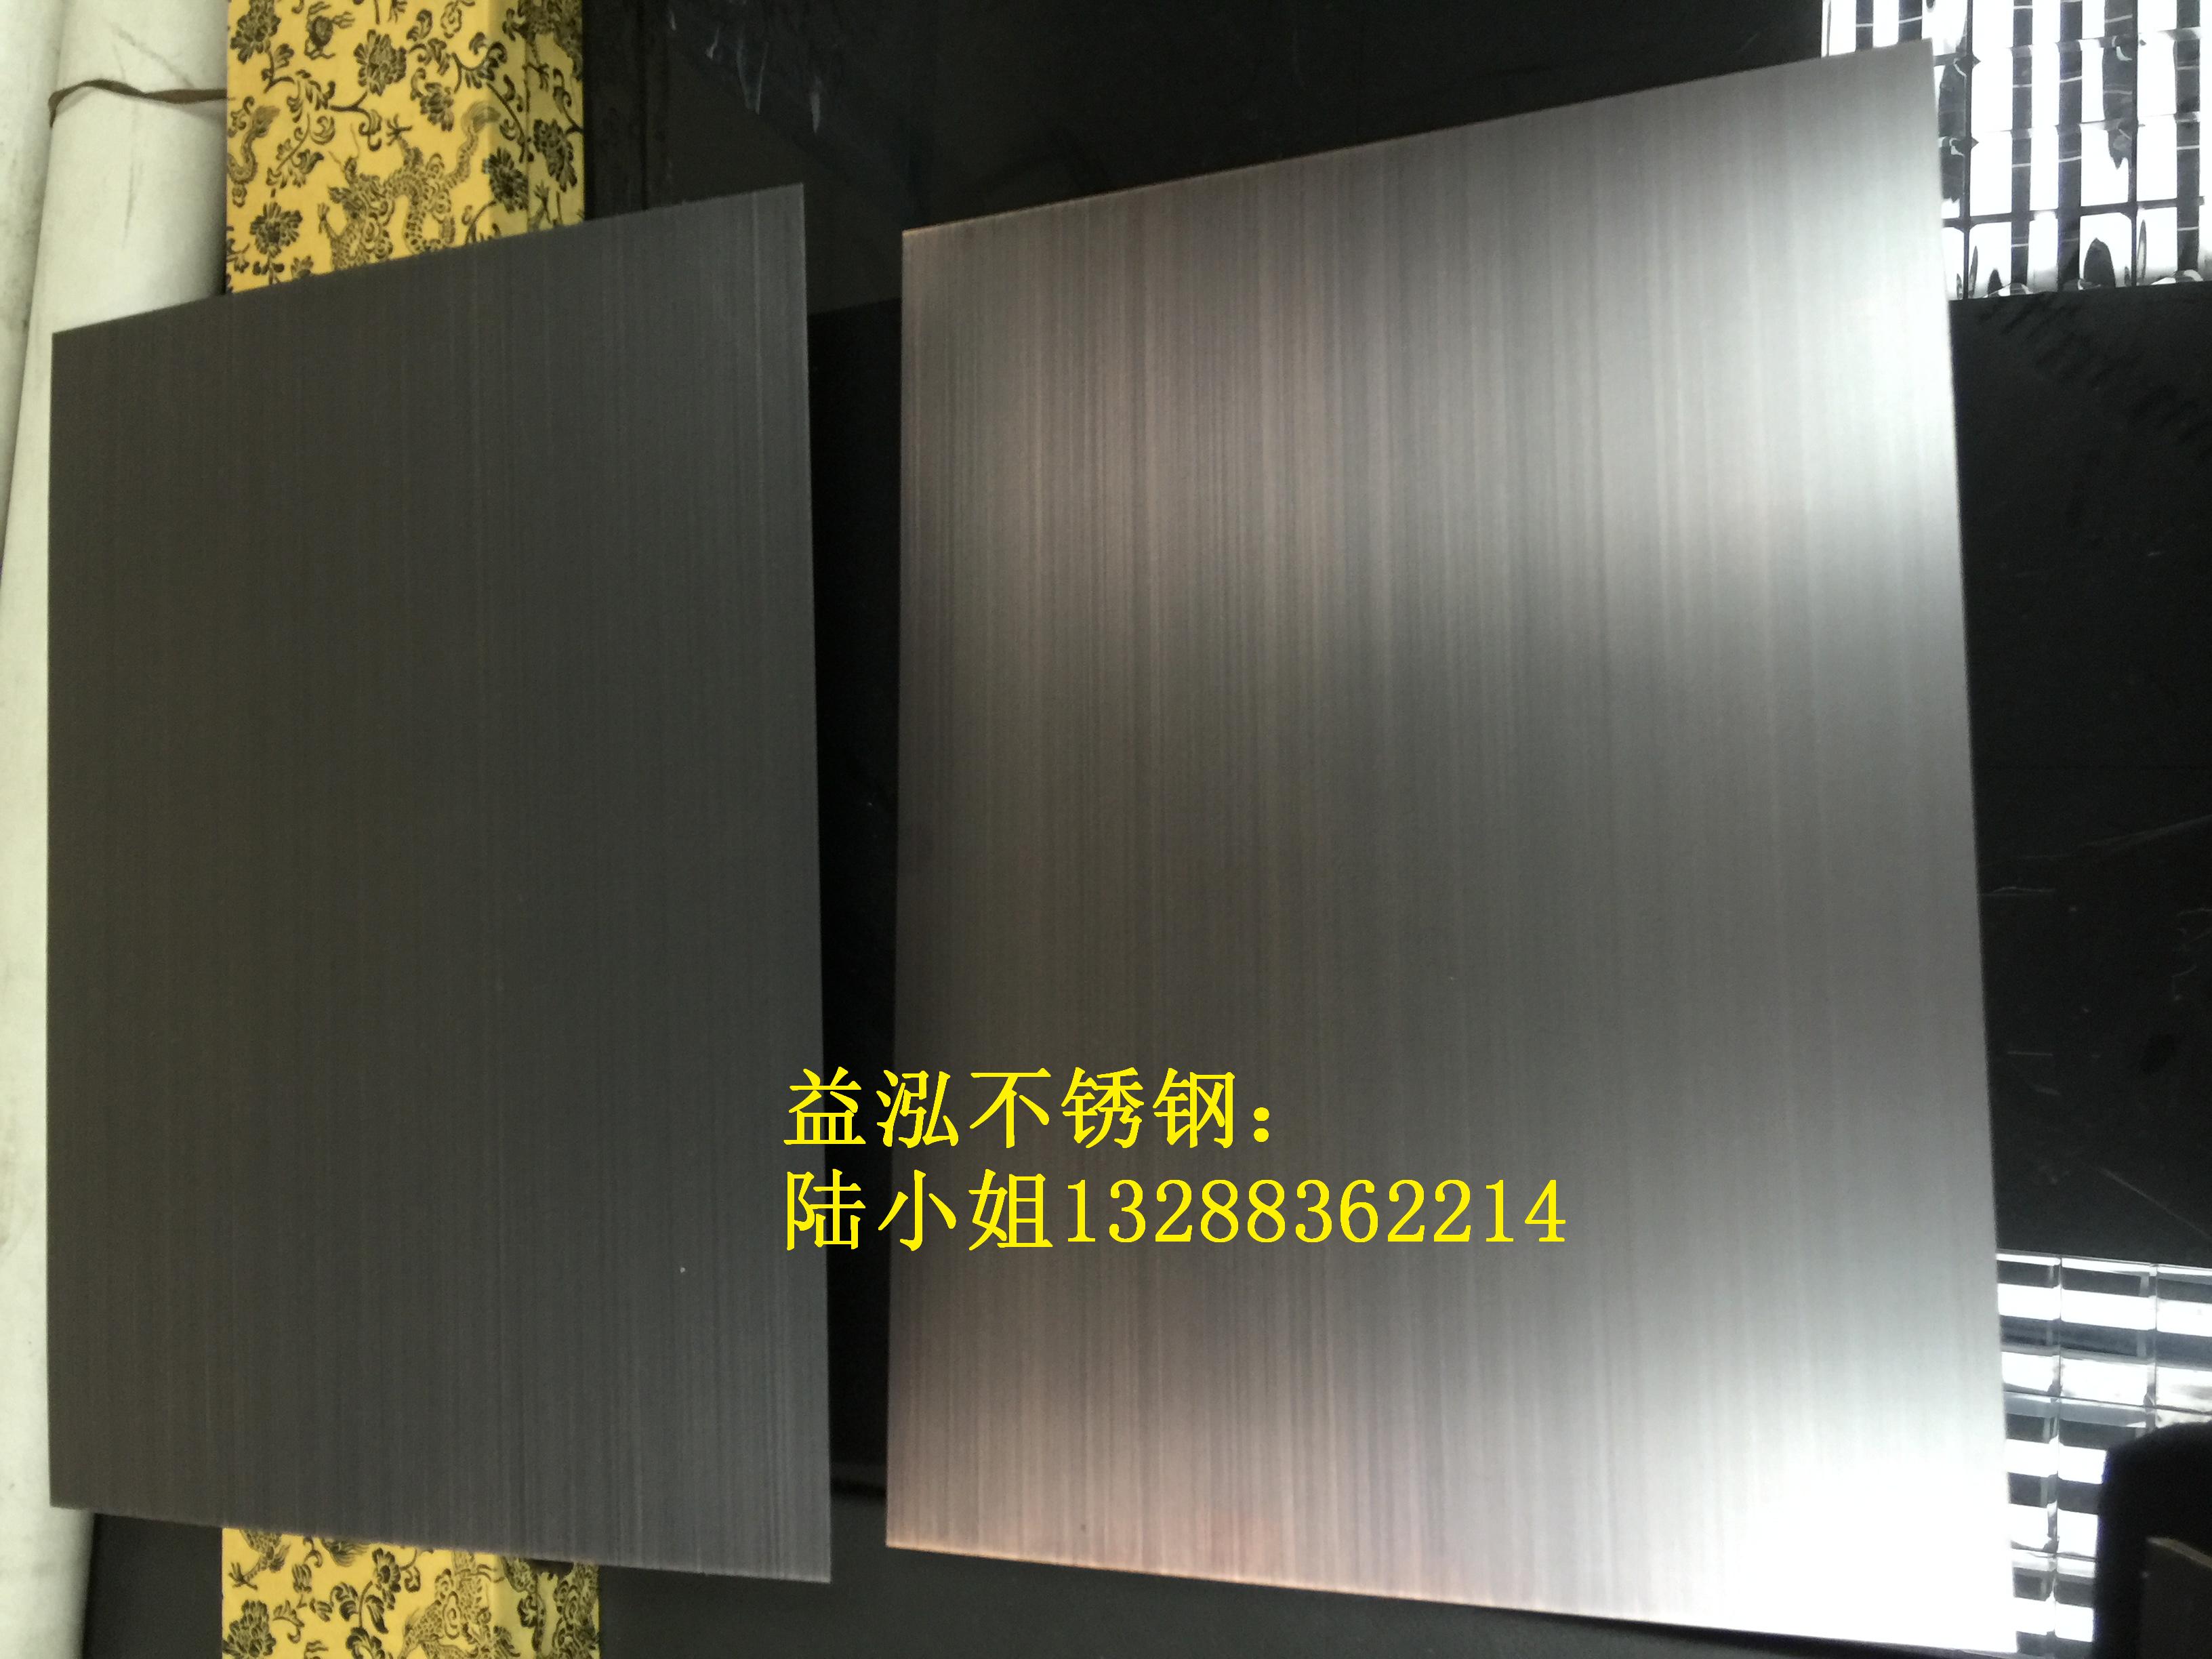 黑色拉丝不锈钢镀铜 黑色拉丝不锈钢镀铜板厂家批发